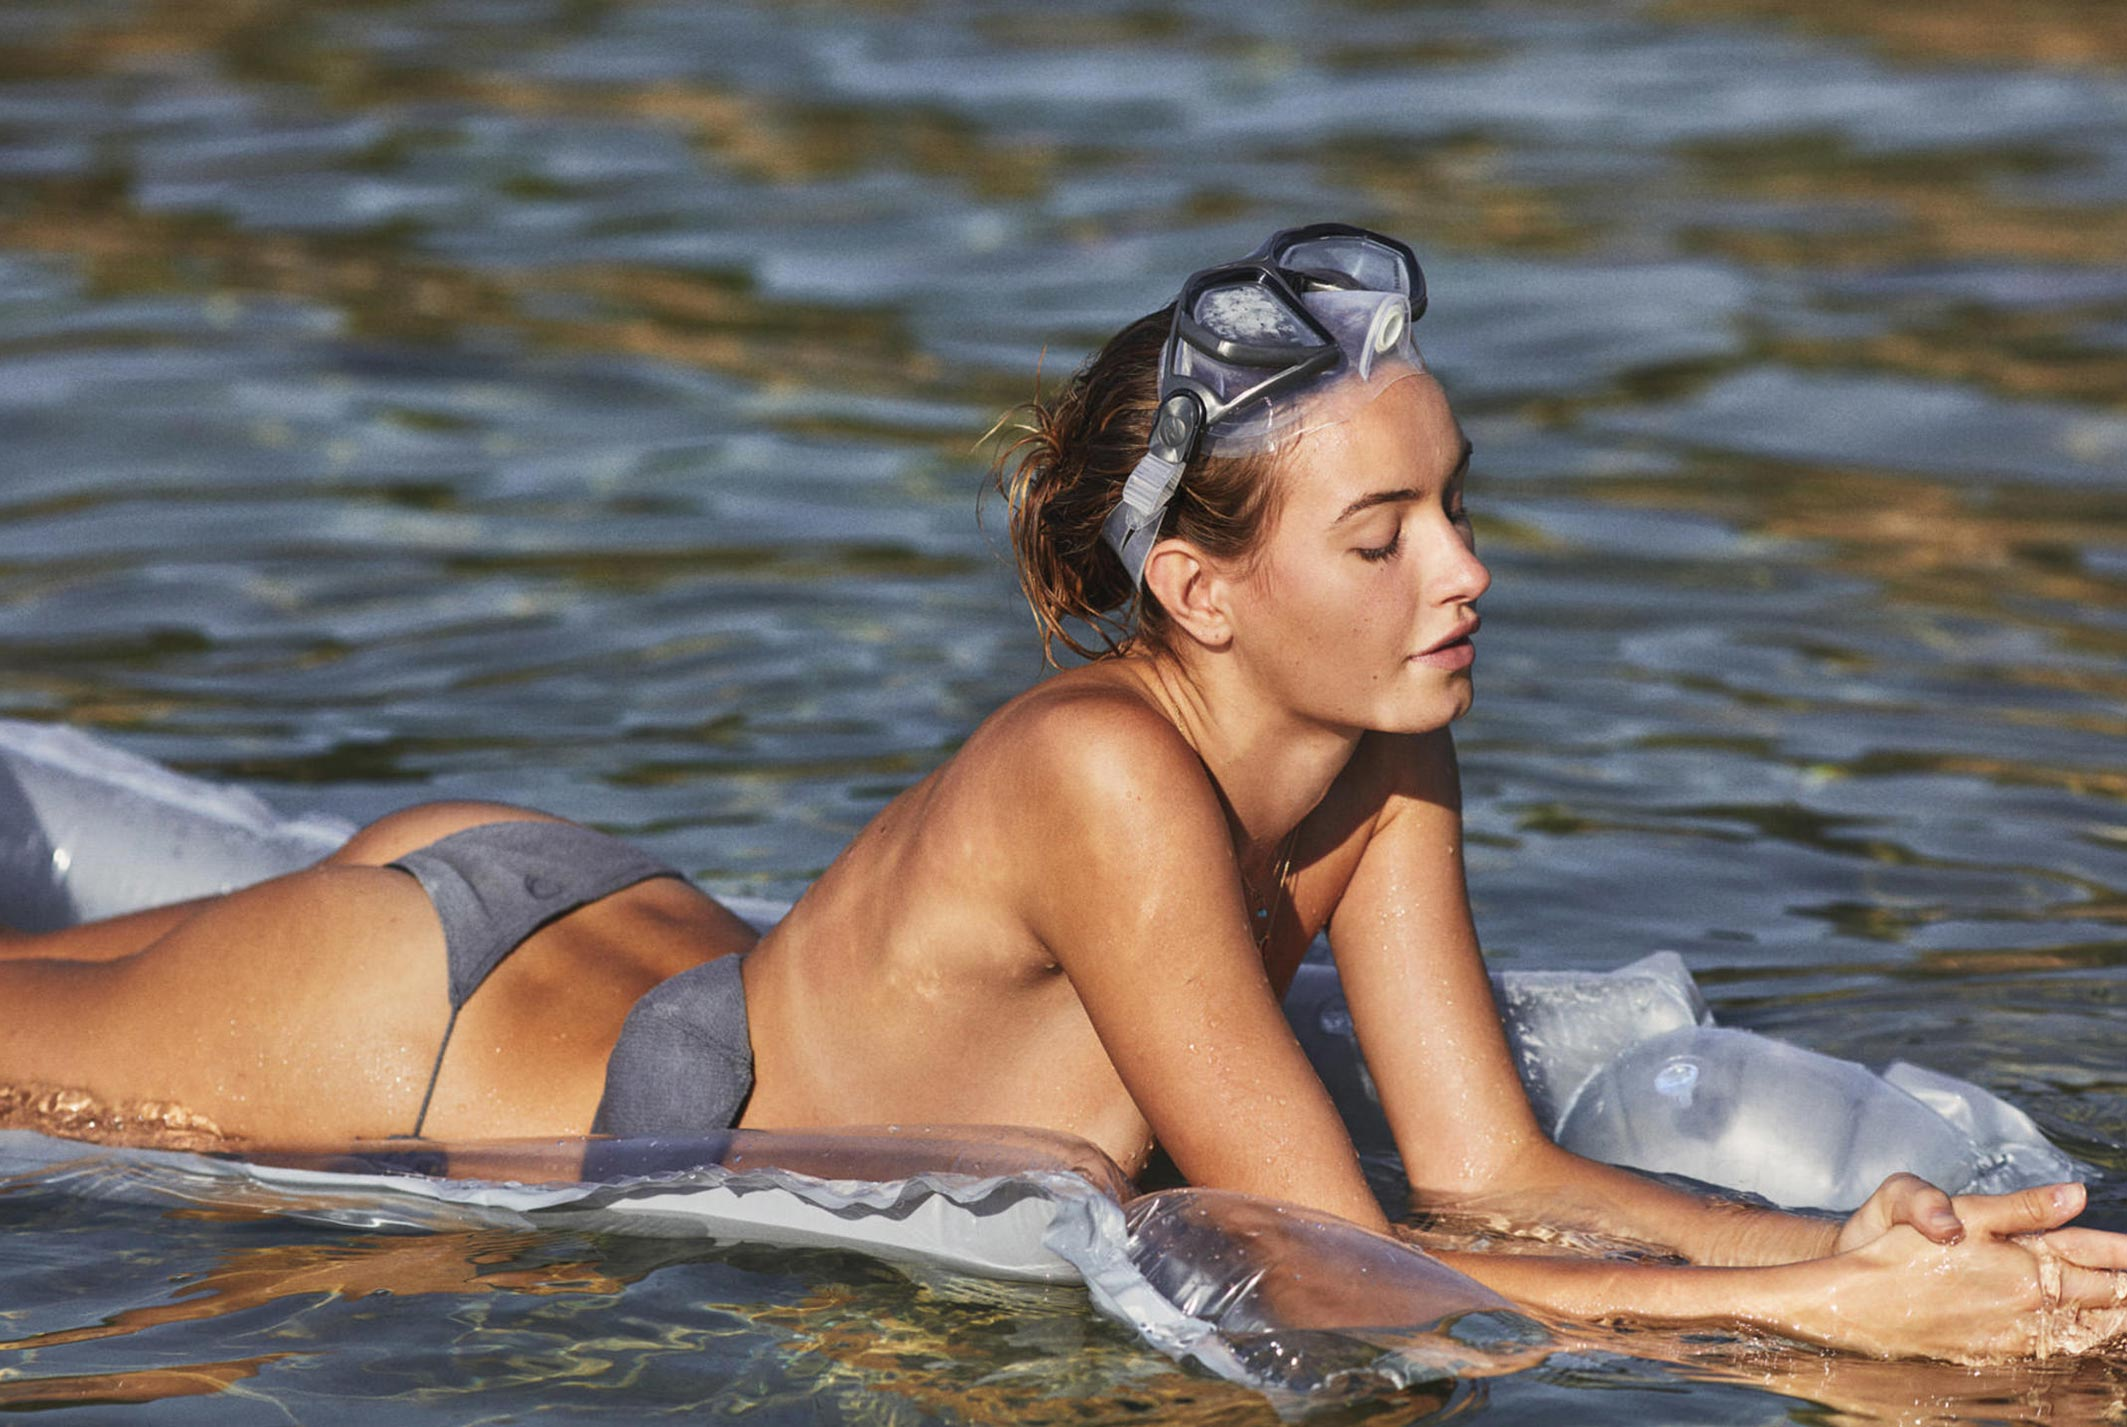 Девушка развлекается на пляже / фото 18